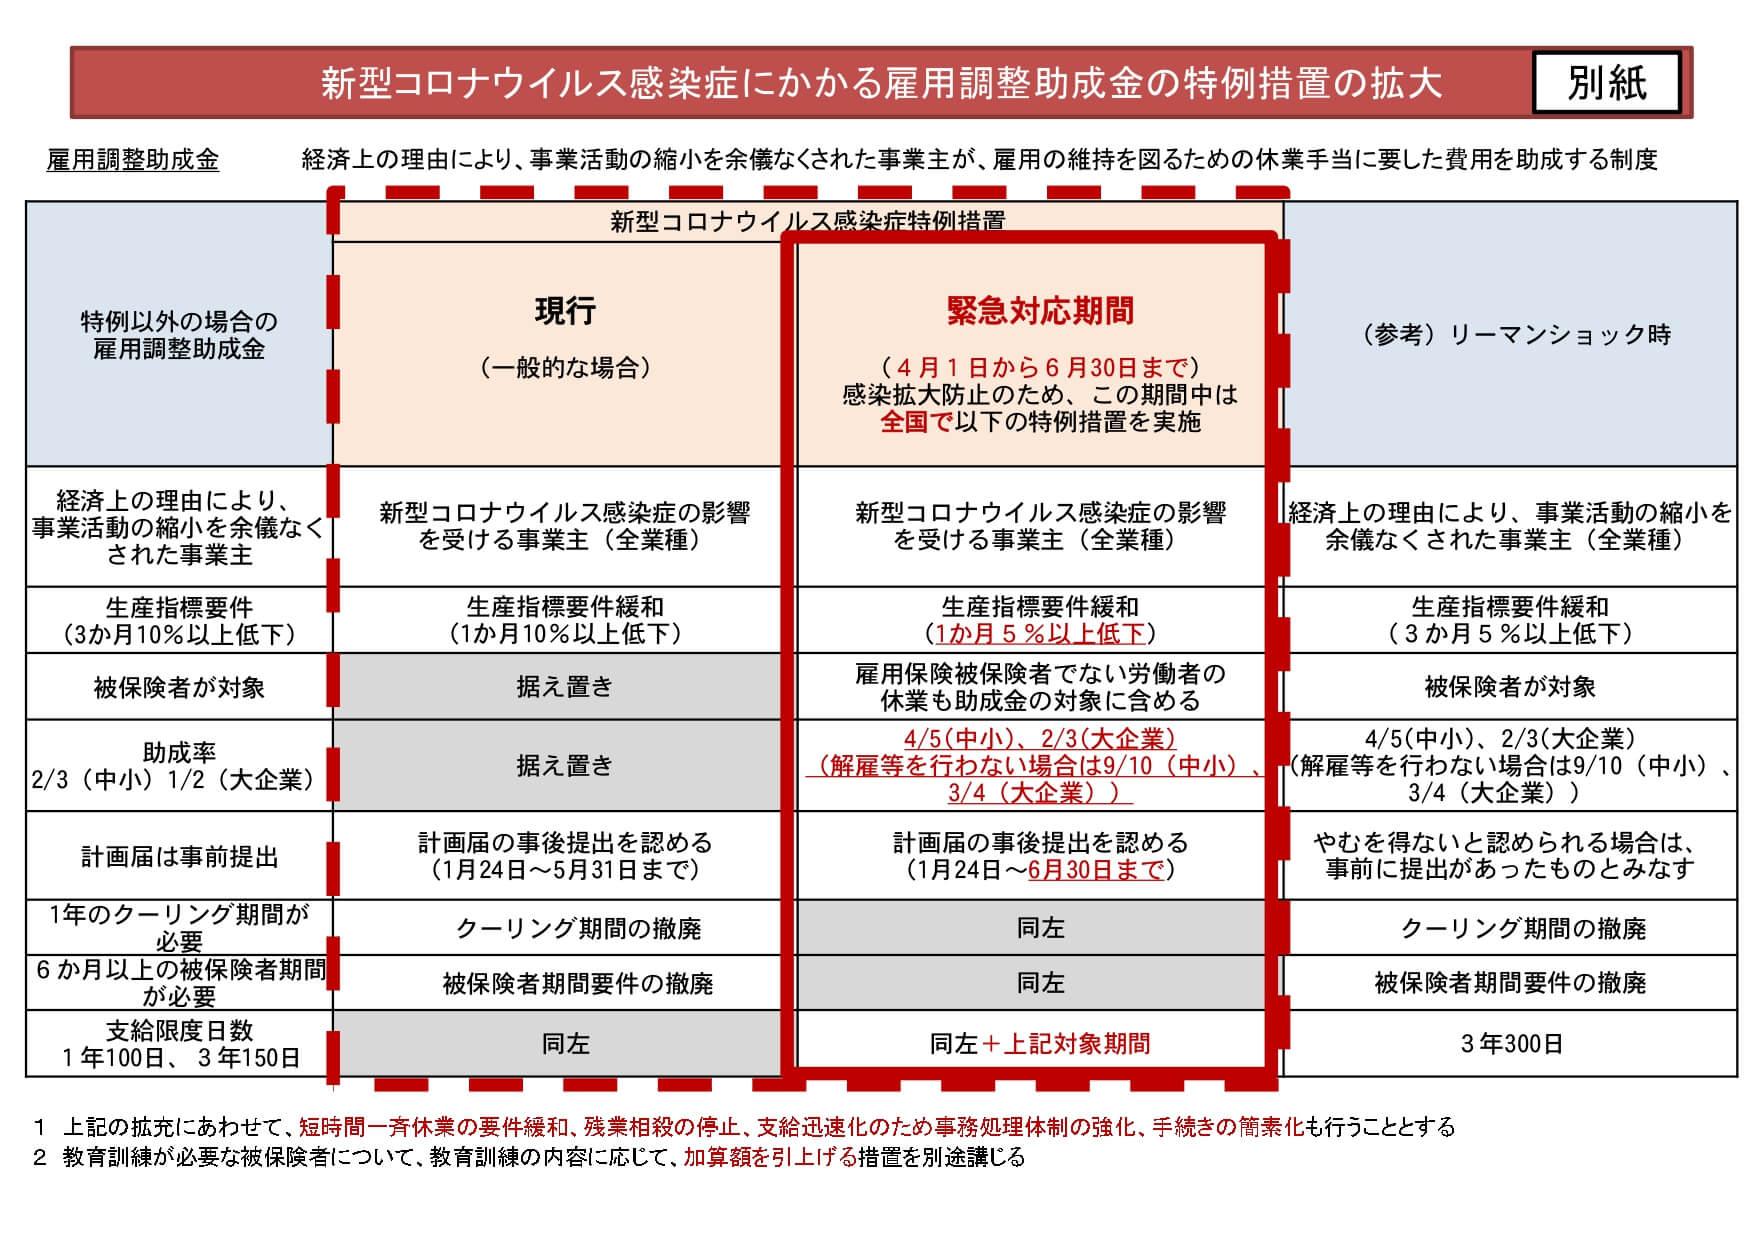 【雇用調整助成金】緊急対応期間中における特例措置